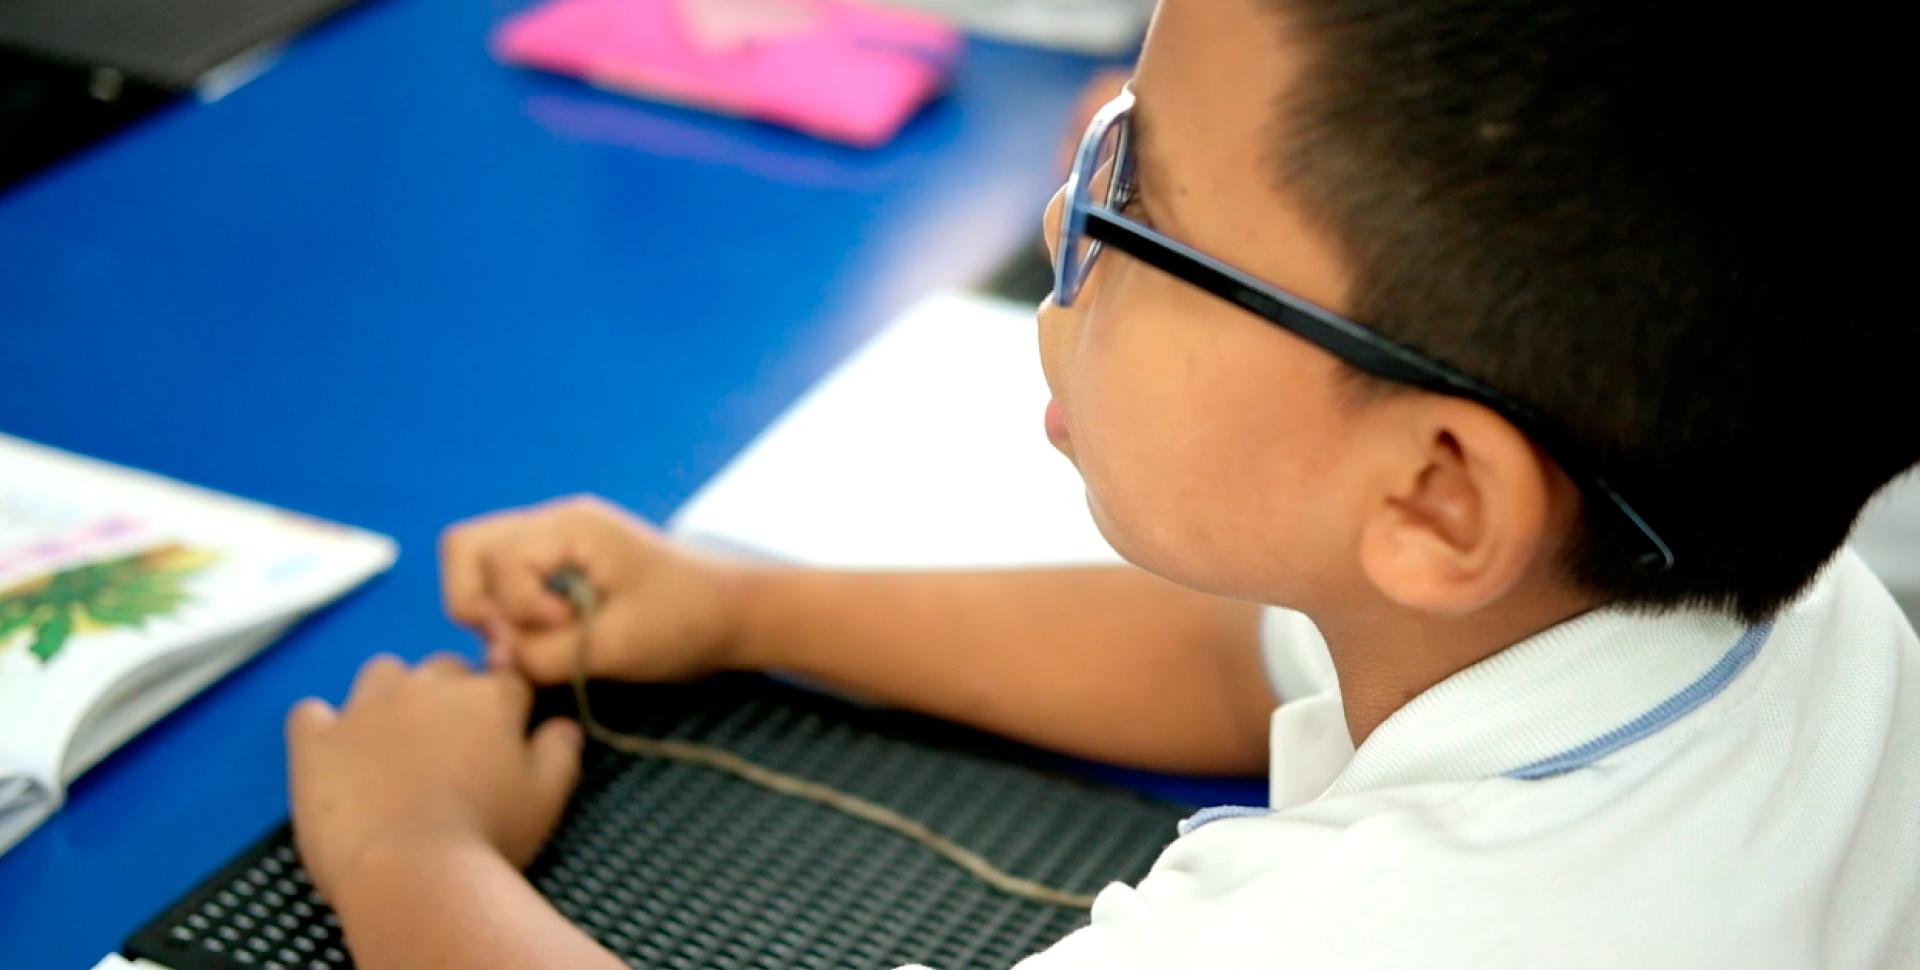 Discapacidad Visual - Unidad de rehabilitación del Instituto para niños ciegos y sordos del Valle del Cauca